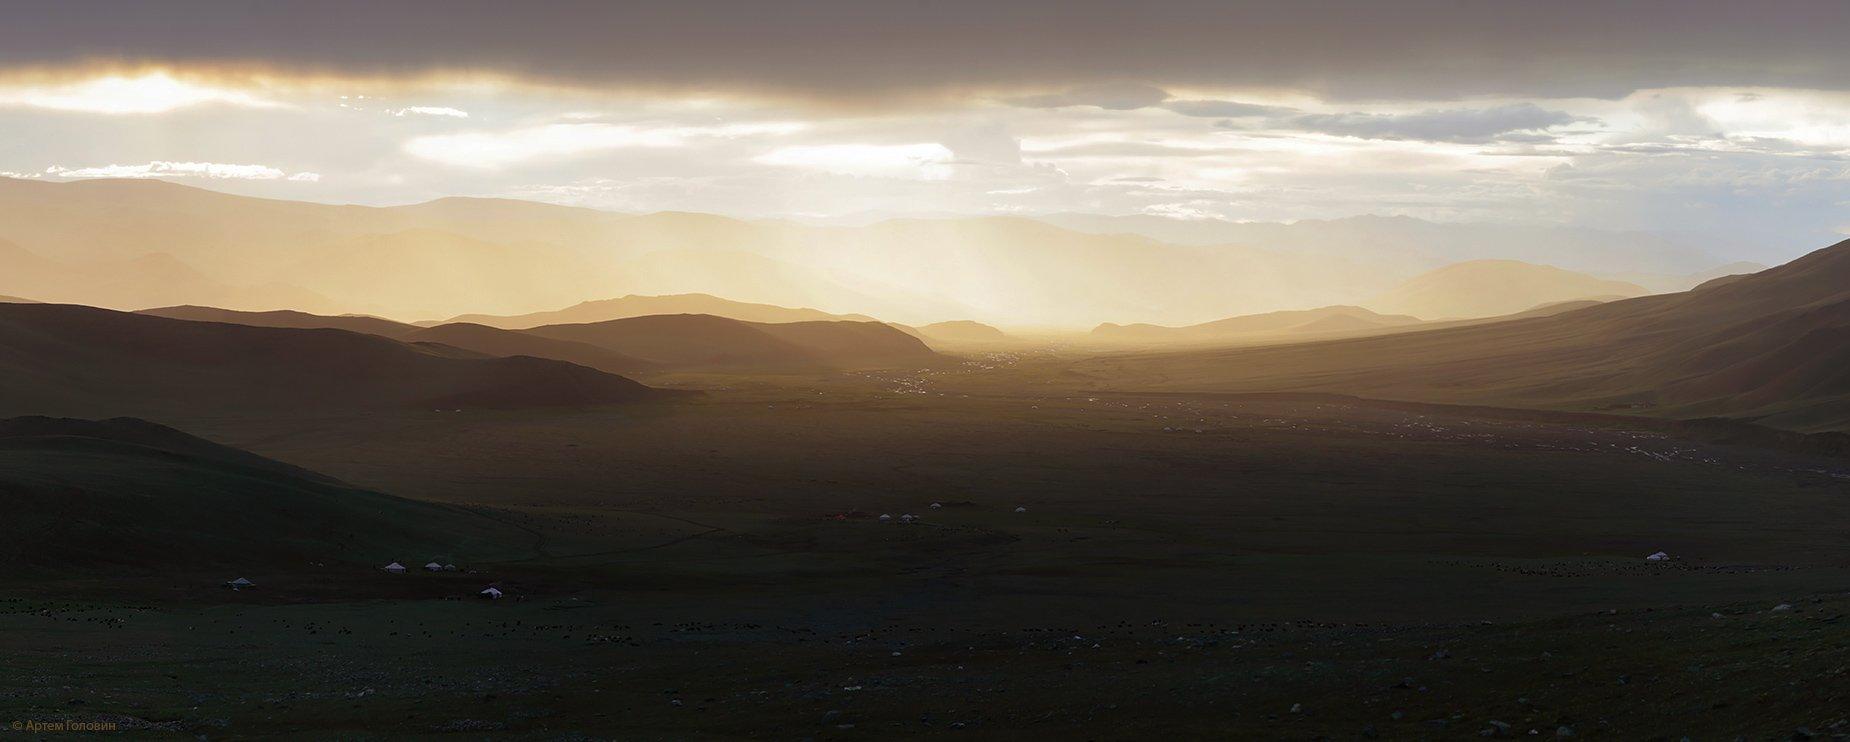 закат монголия, Артем Головин